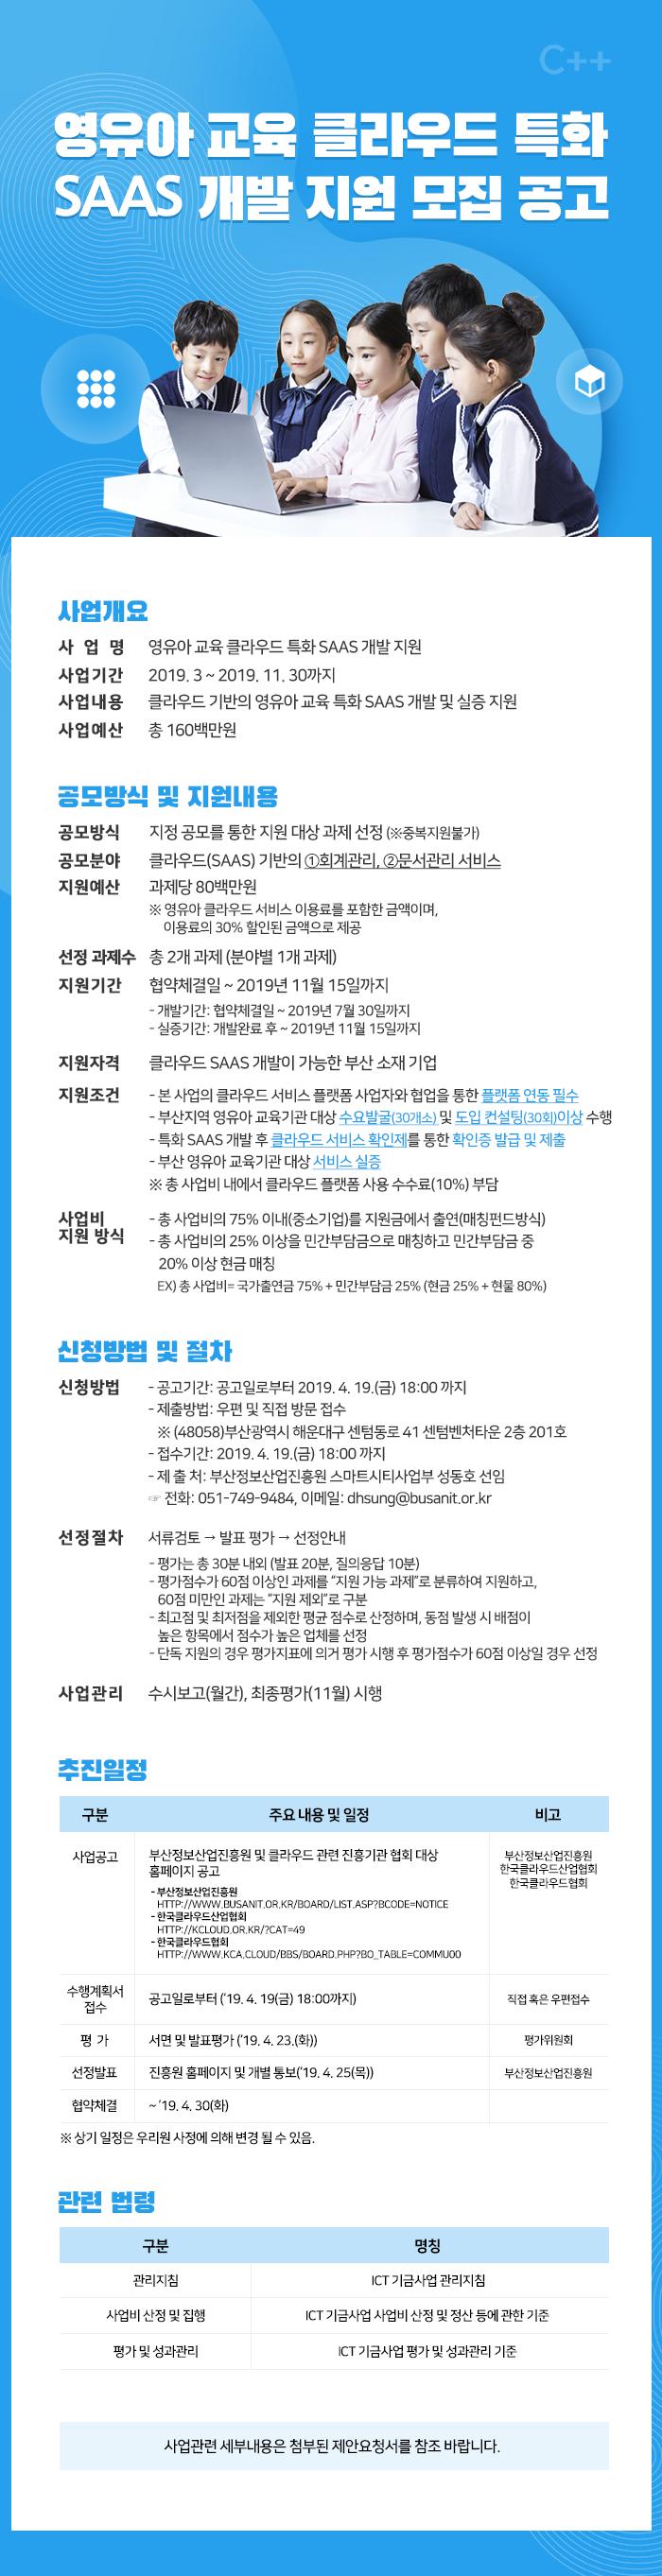 영유아 교육 클라우드 특화 SaaS 개발 지원 모집 공고